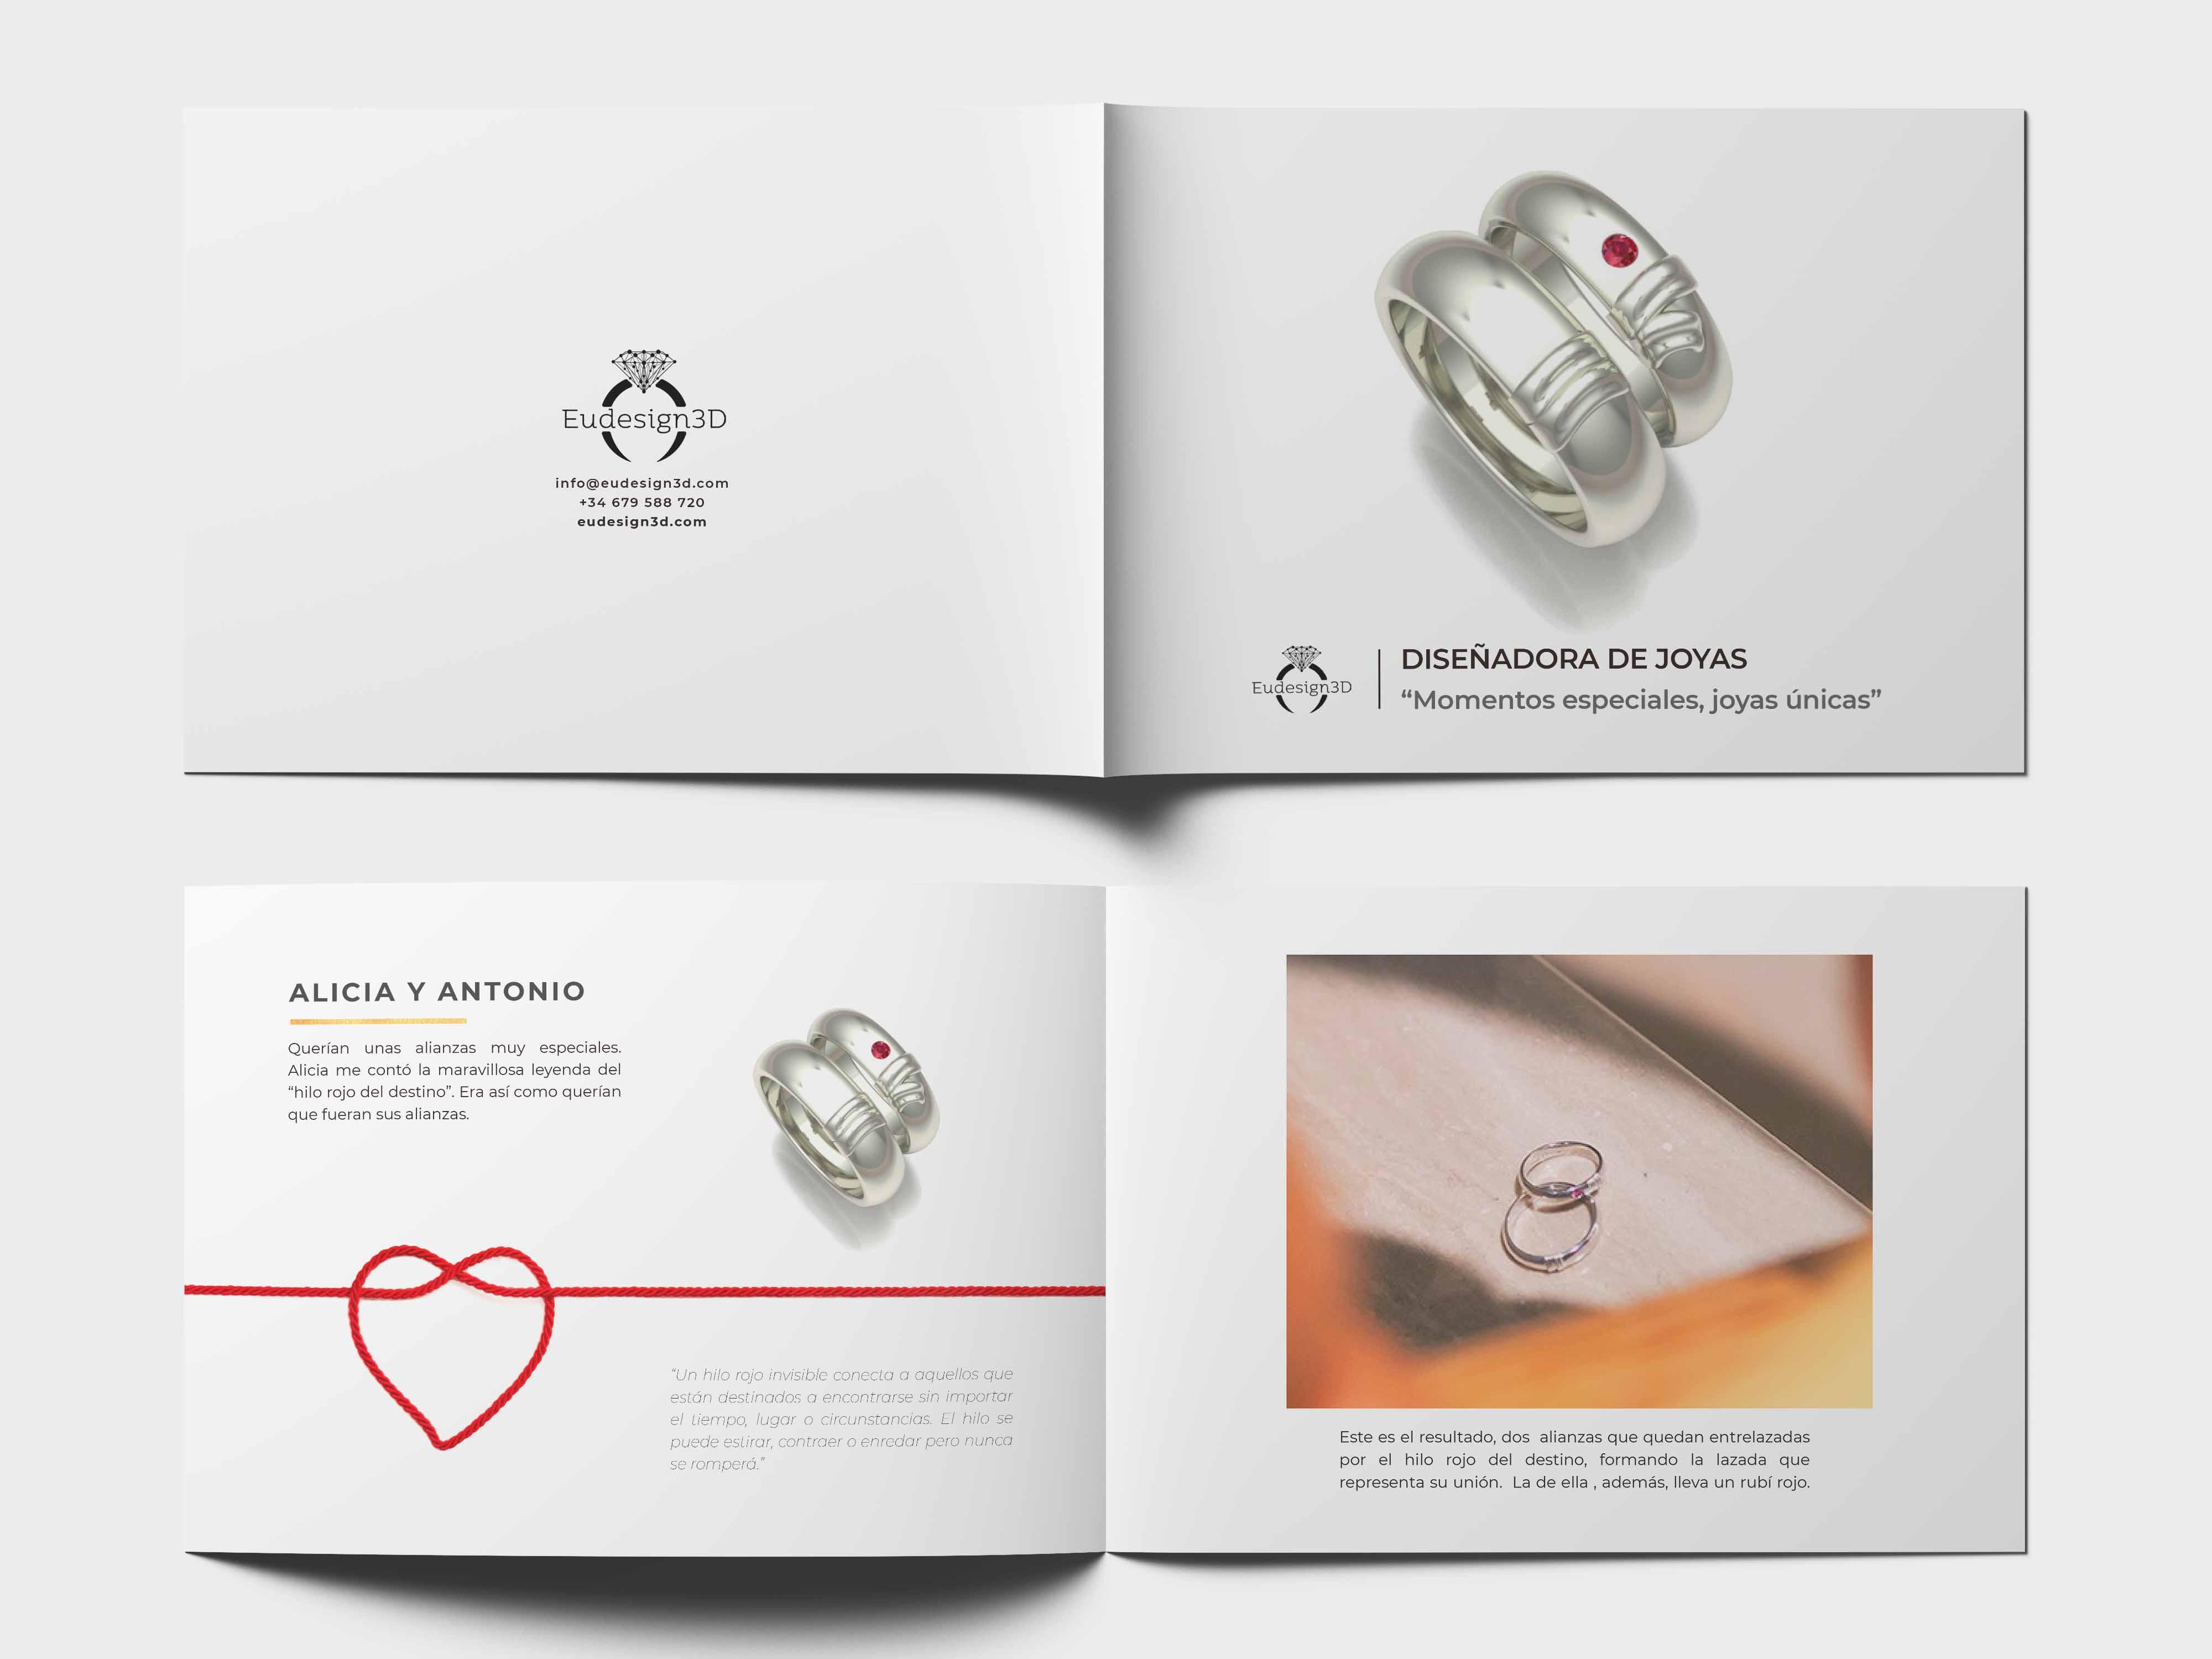 diseño de catalogo para joyeros